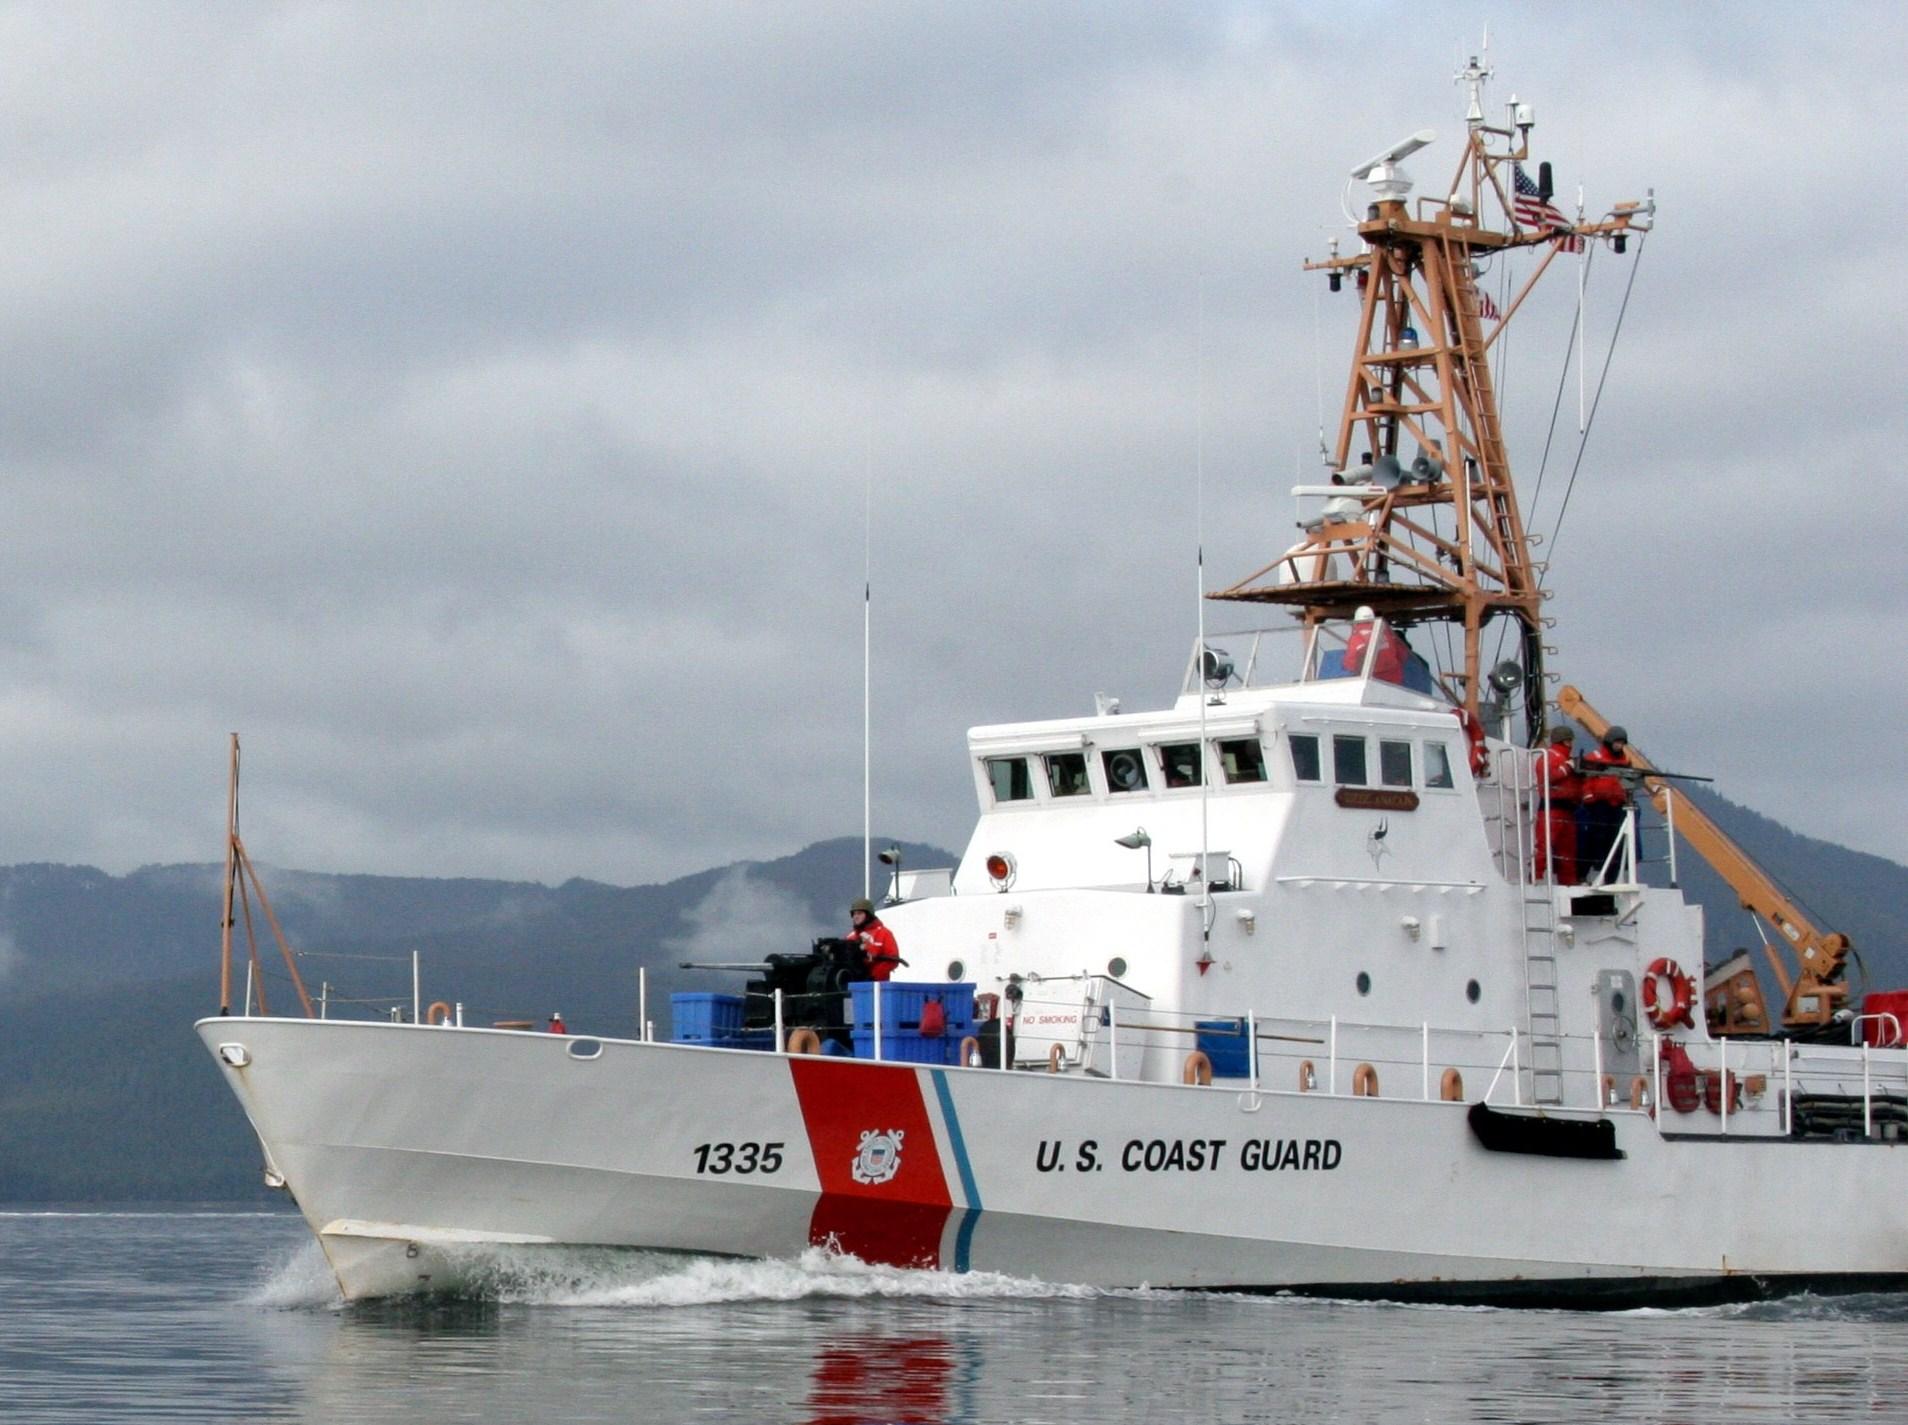 petersburg officials discuss retaining coast guard cutter kfsk